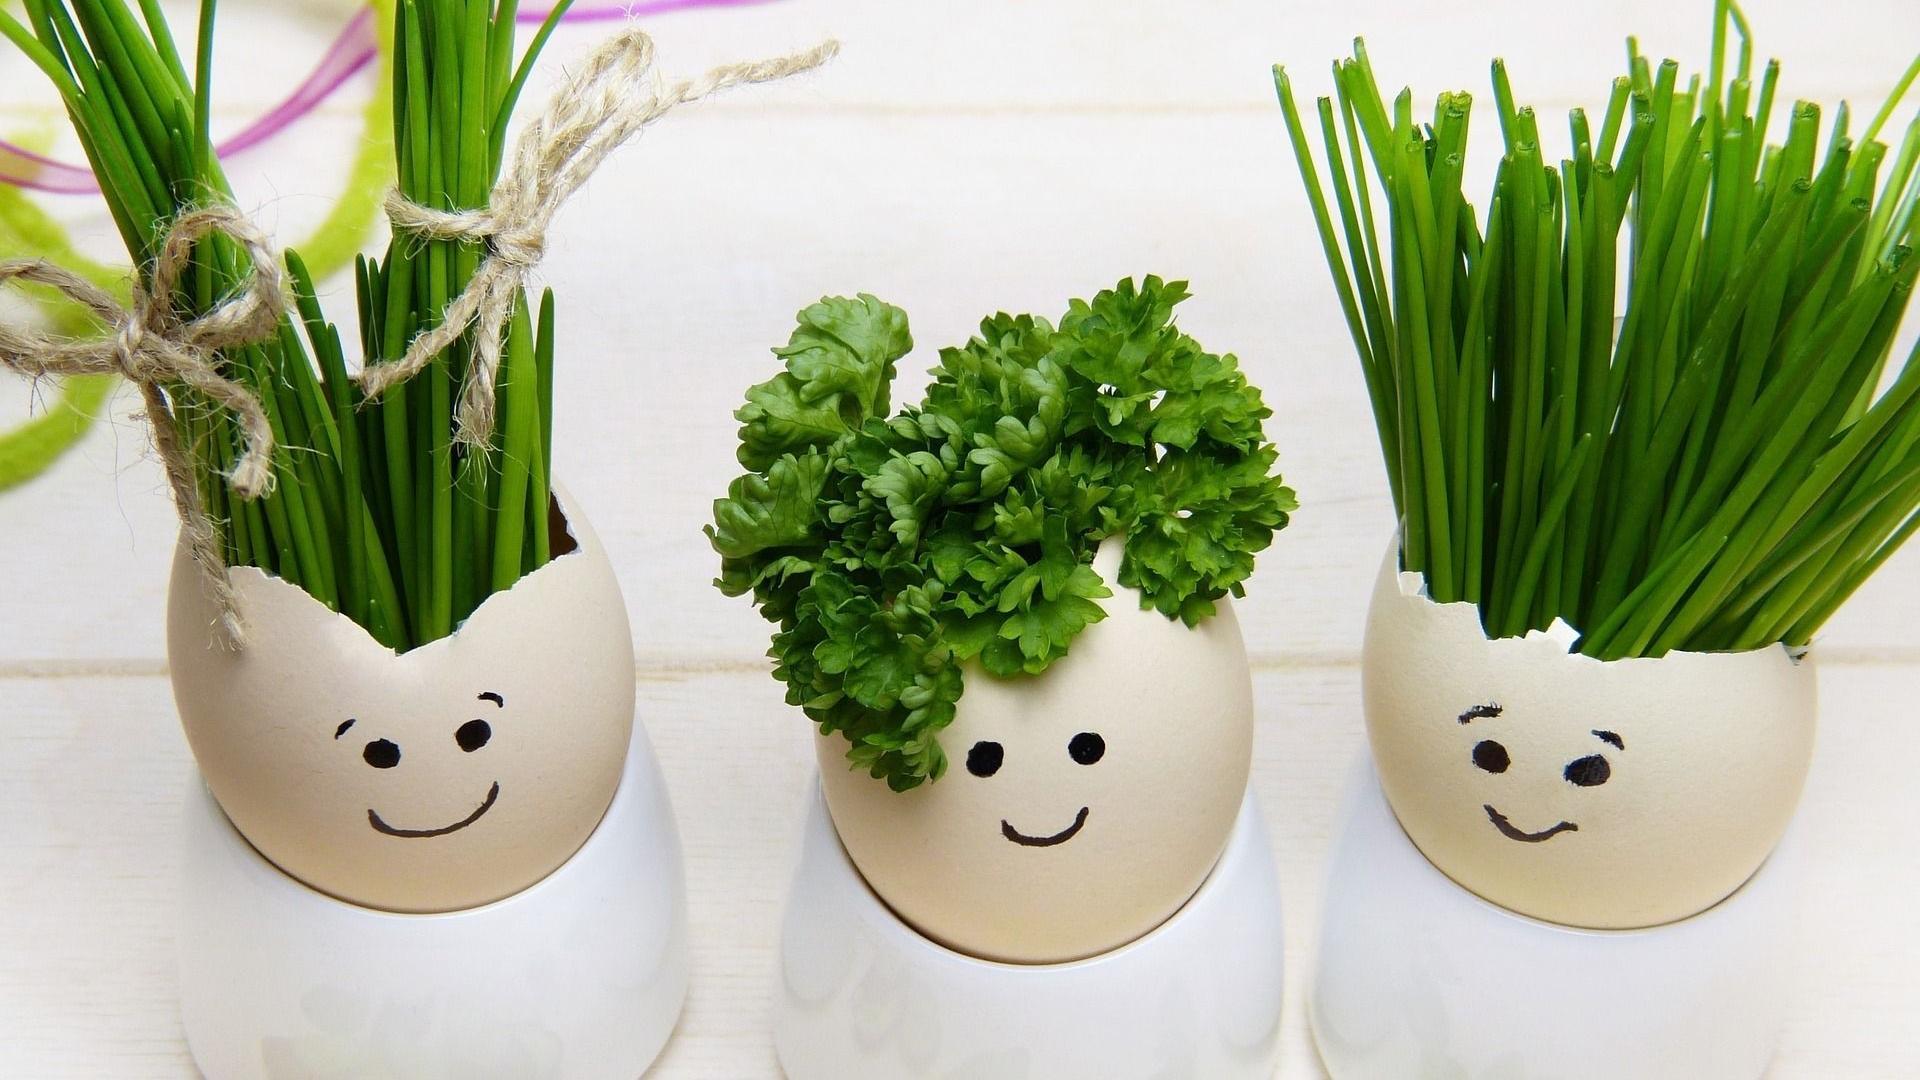 Eierschalen auf dem Kompost oder im Biomüll entsorgen oder auch weiterverwerten